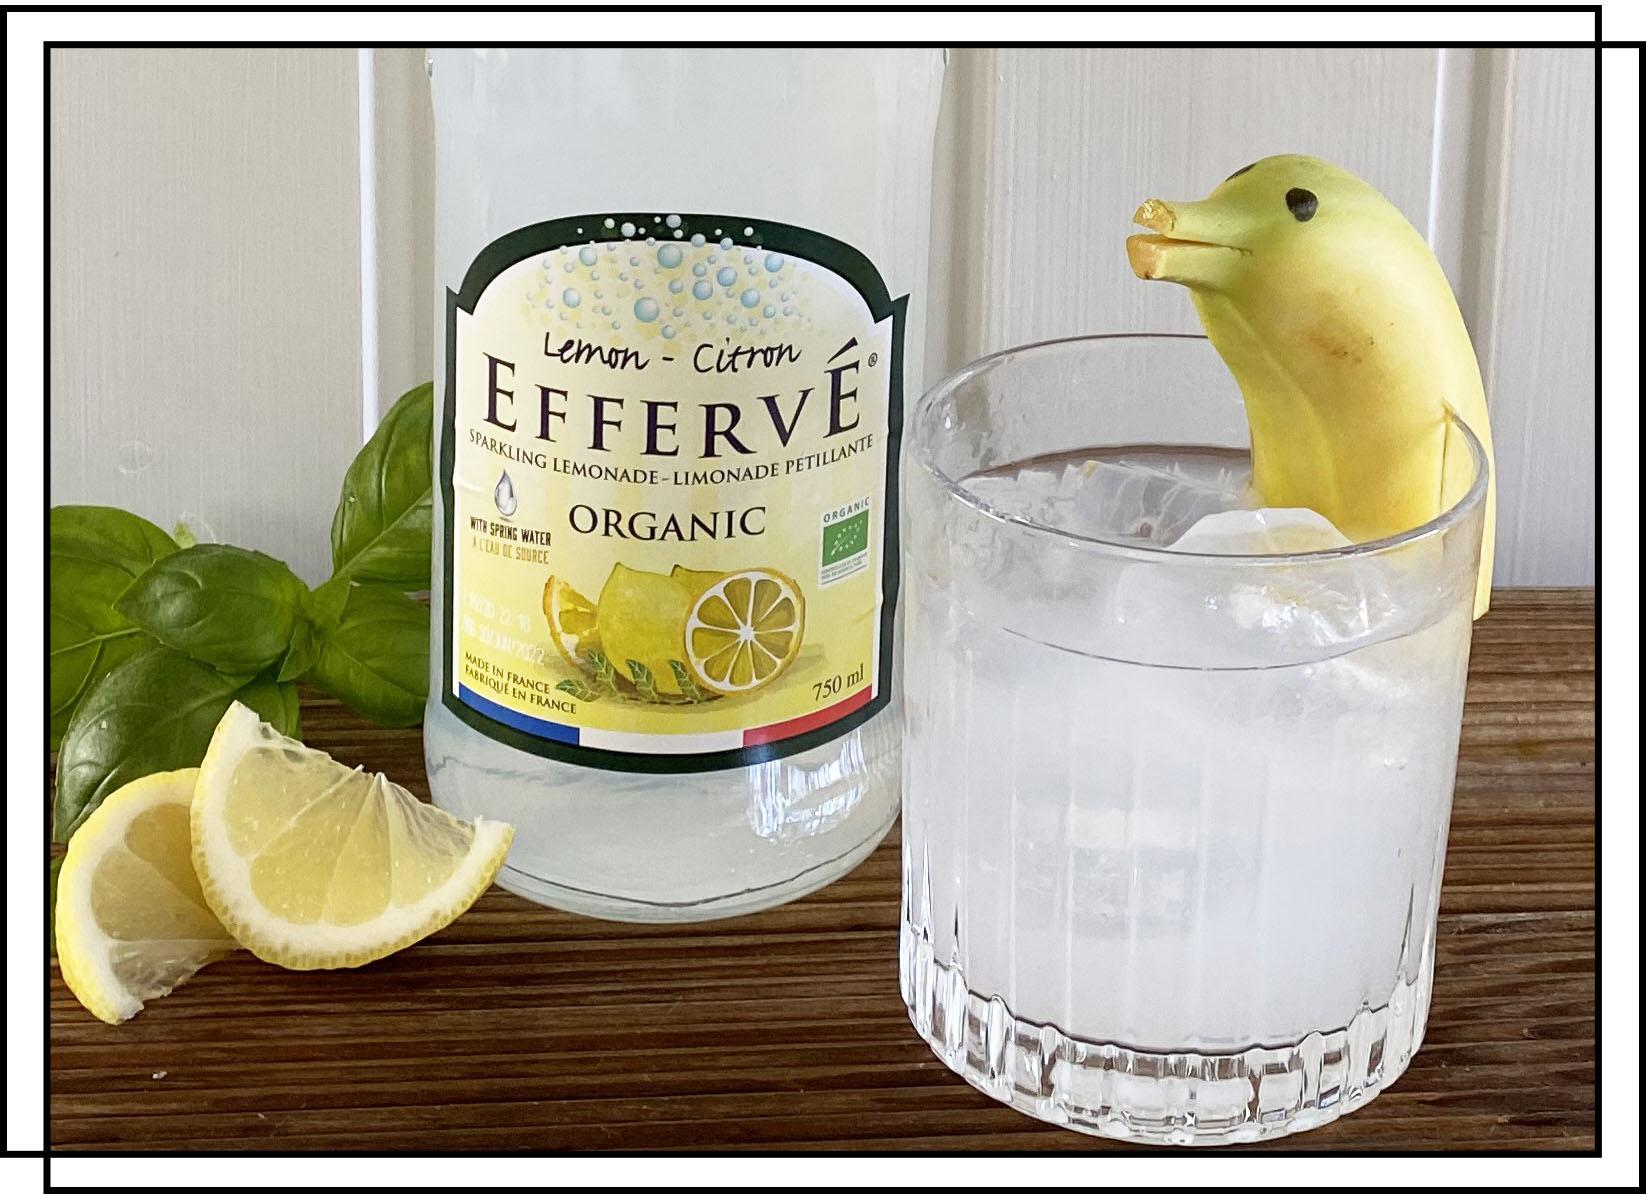 Efferve Lemon sodavand med banan delfin som pynt